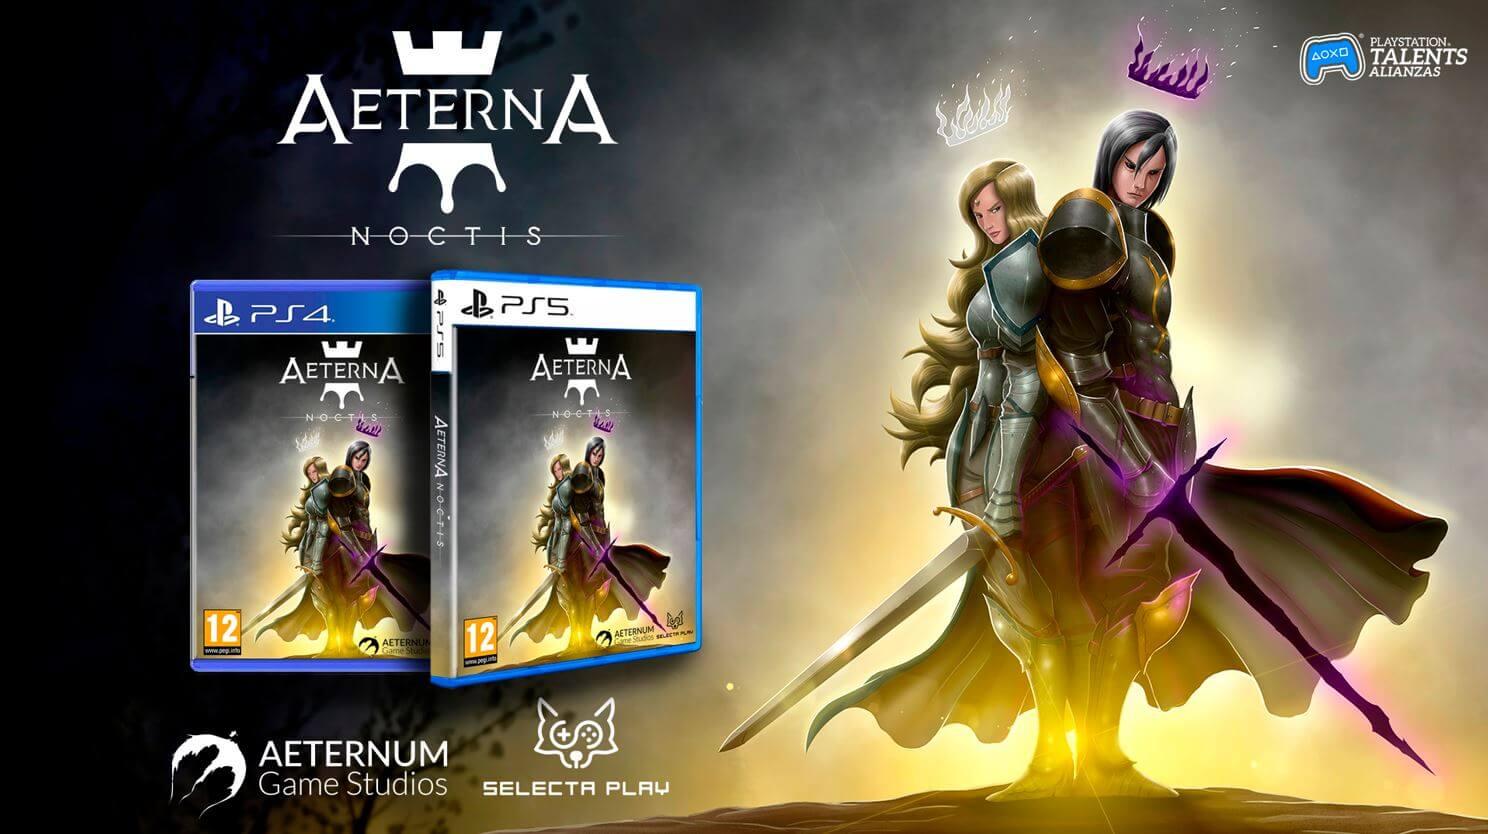 El metroidvania Aeterna Noctis contará con edición física para PS5 y PS4